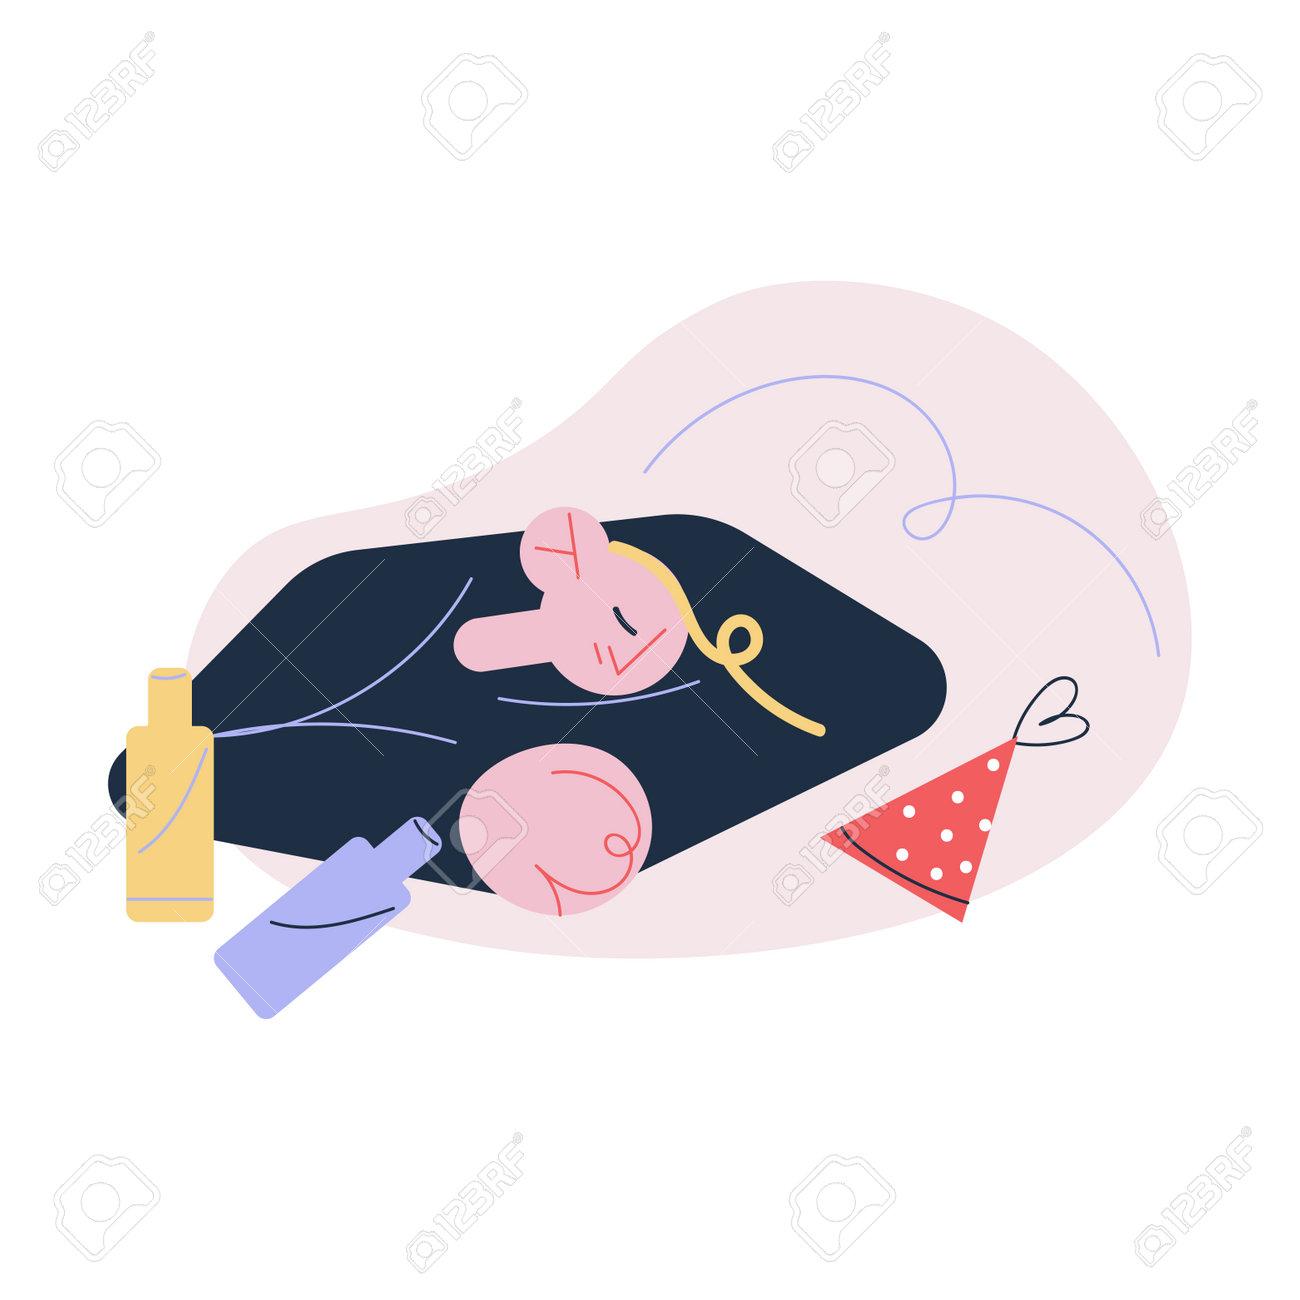 Young man sleeping on floor between bottles suffering from hangover - 163439953